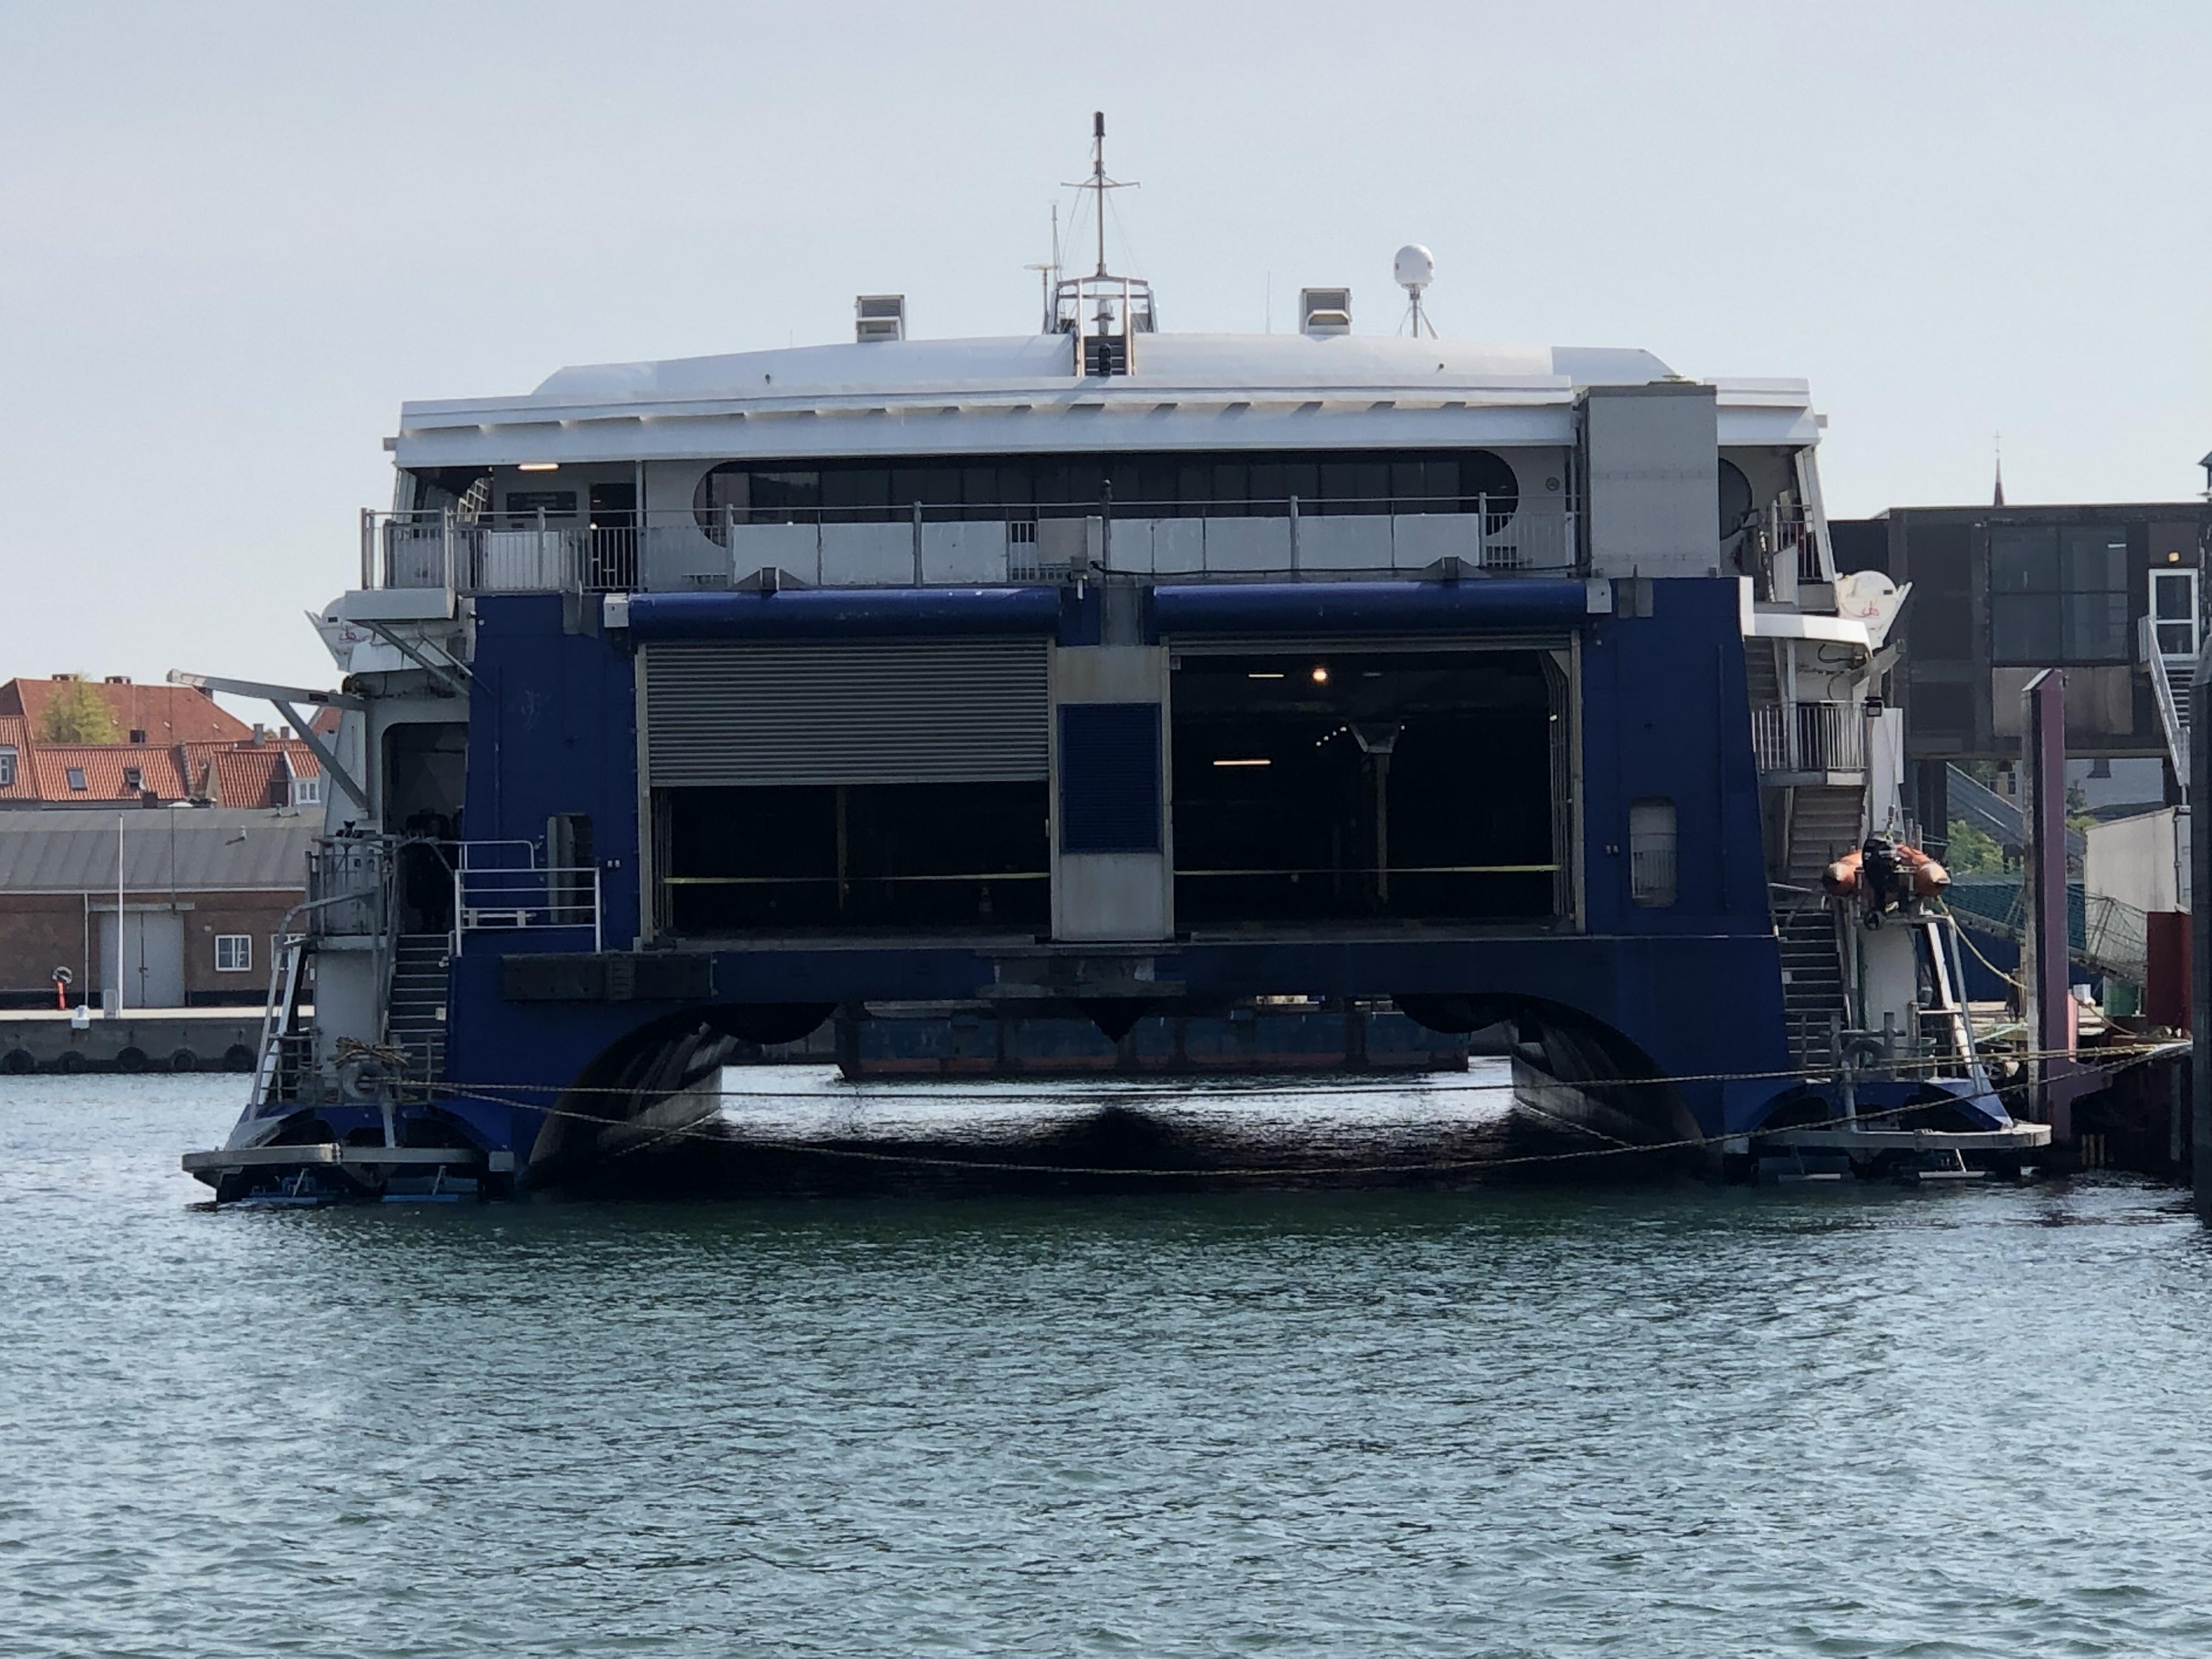 HSC Max ligger ved Øernes Kaj i Rønne havn